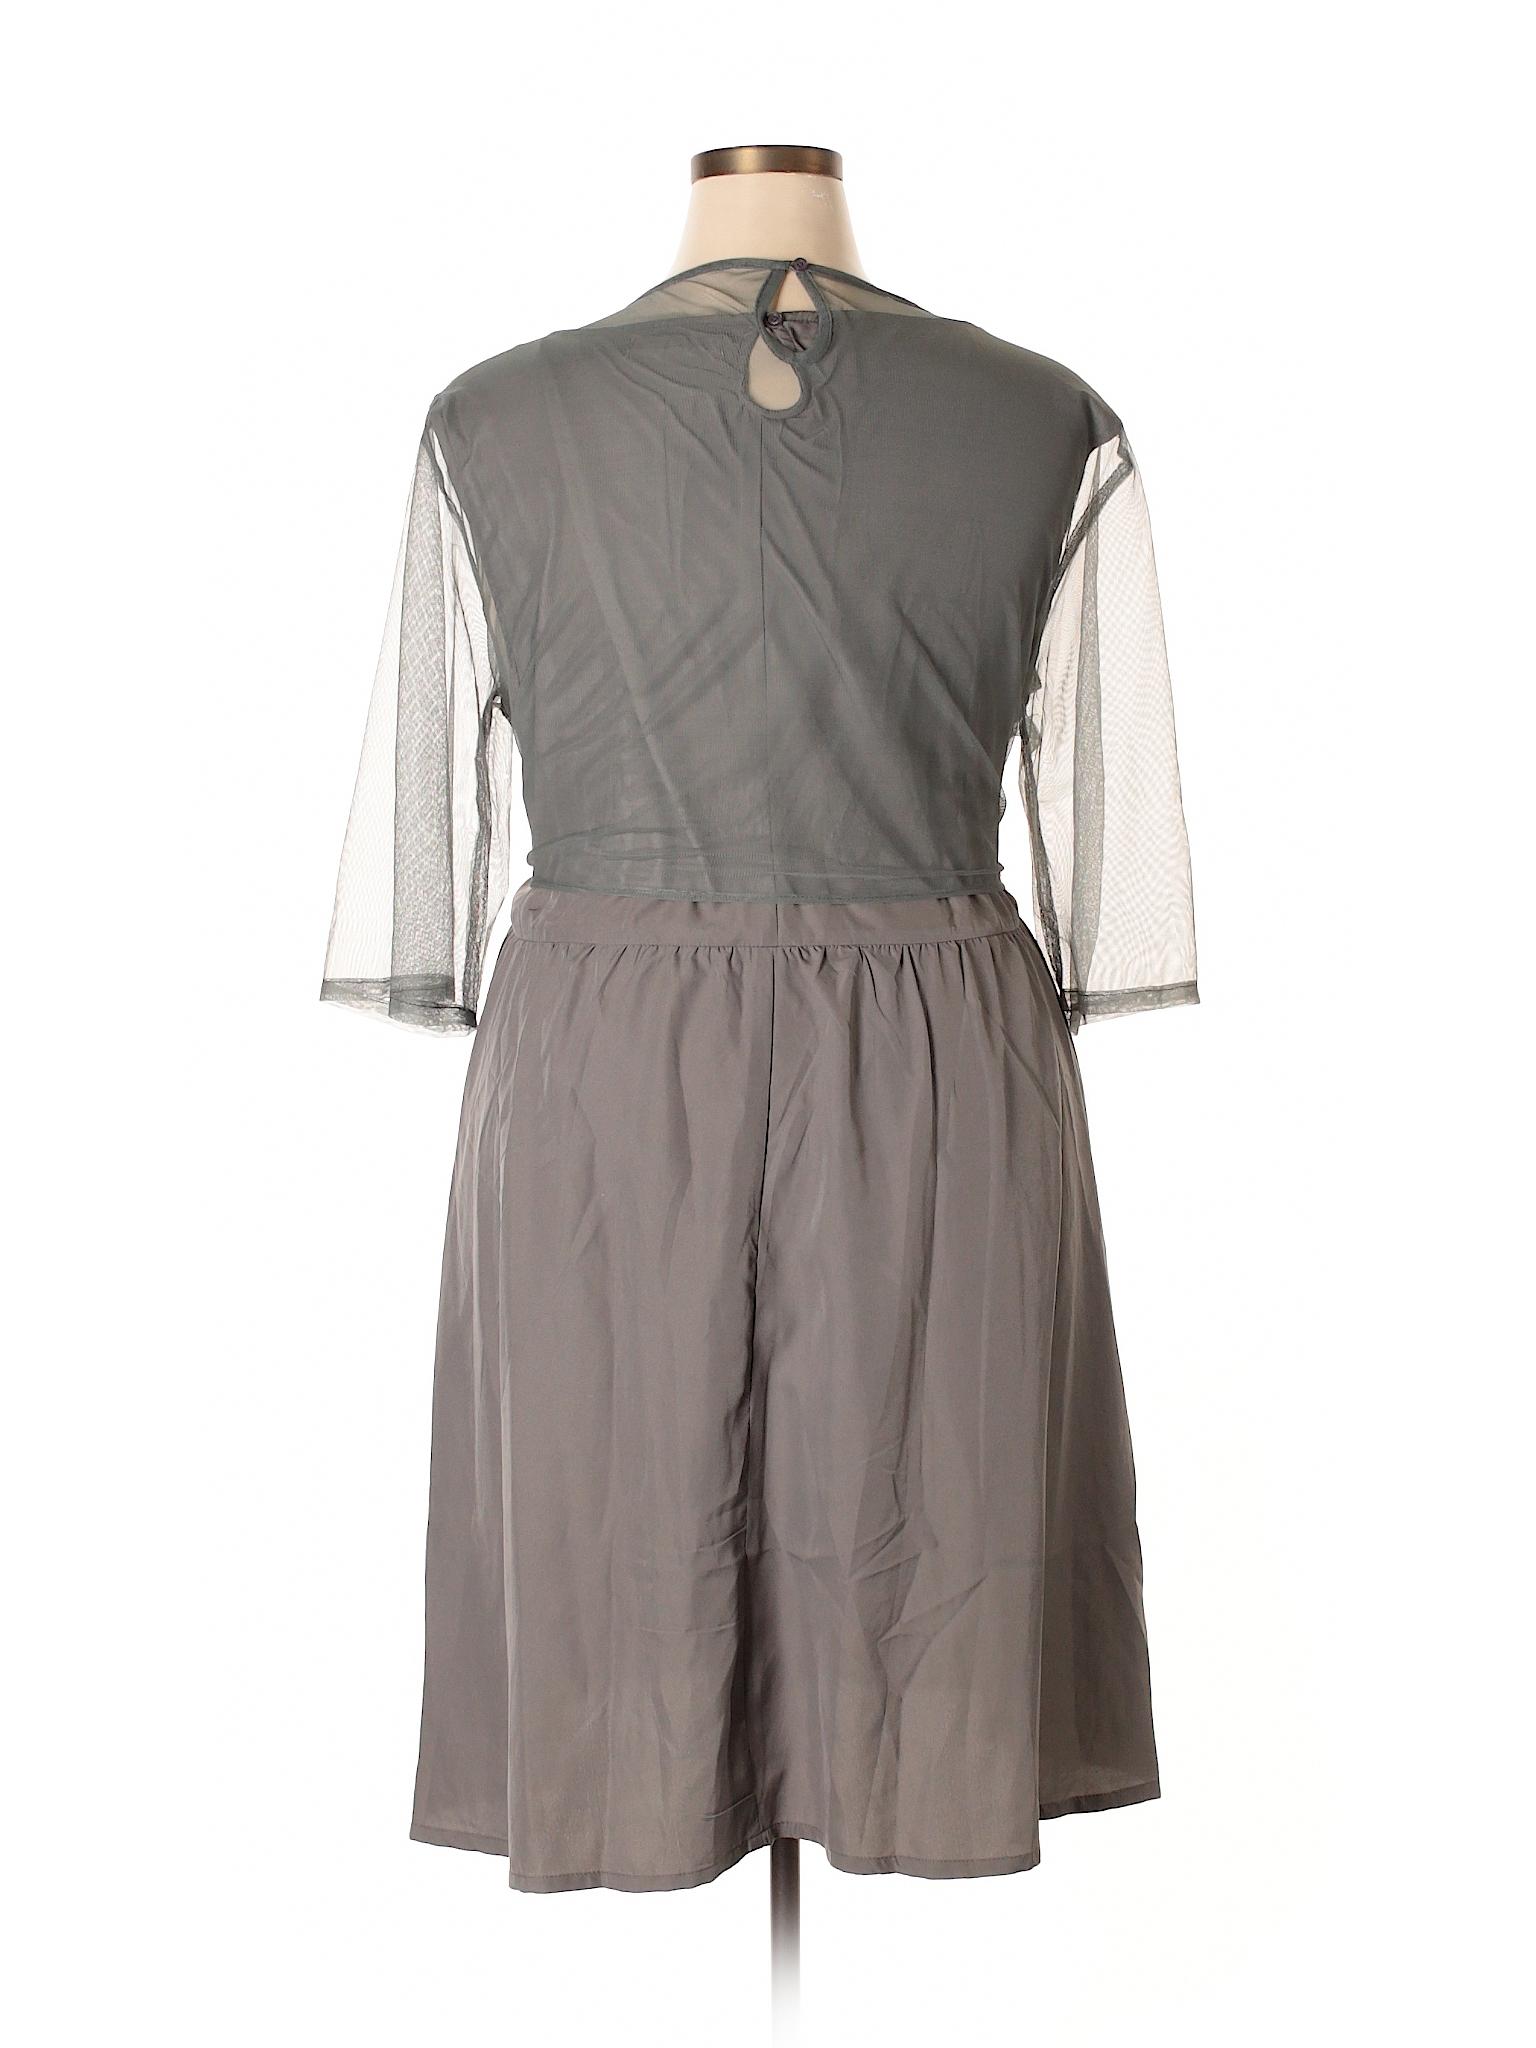 winter Dress Boutique Casual winter Boutique Swak Swak qvS7W